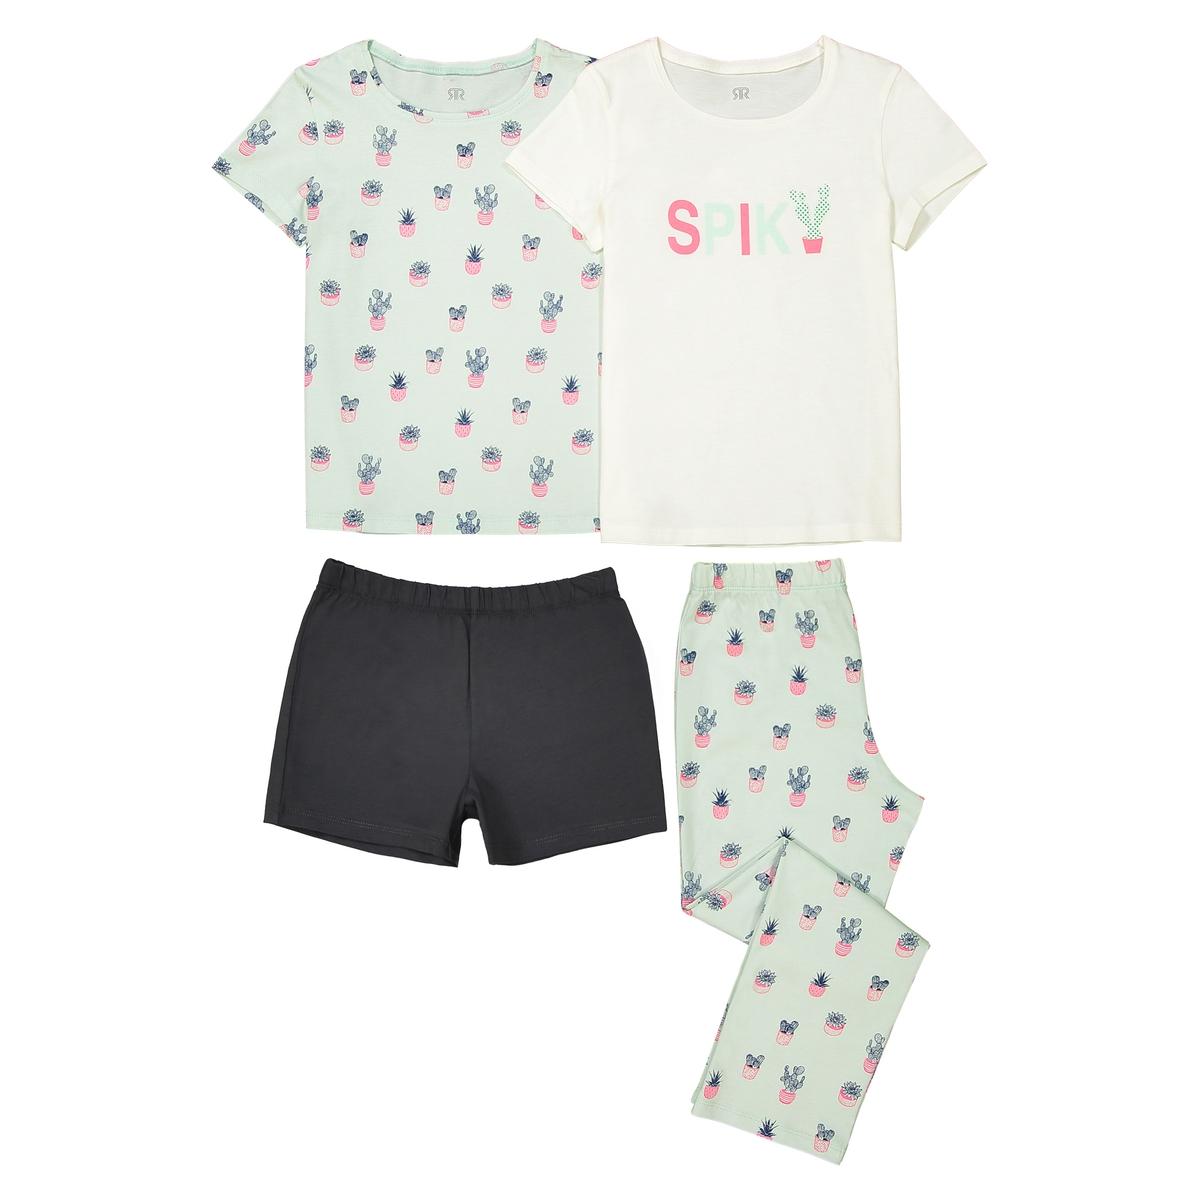 2 пижамы хлопковых, 3-12 лет пижамы la pastel пижама кофта с запахом длинный рукав штаны длинные белый голубой размер xl